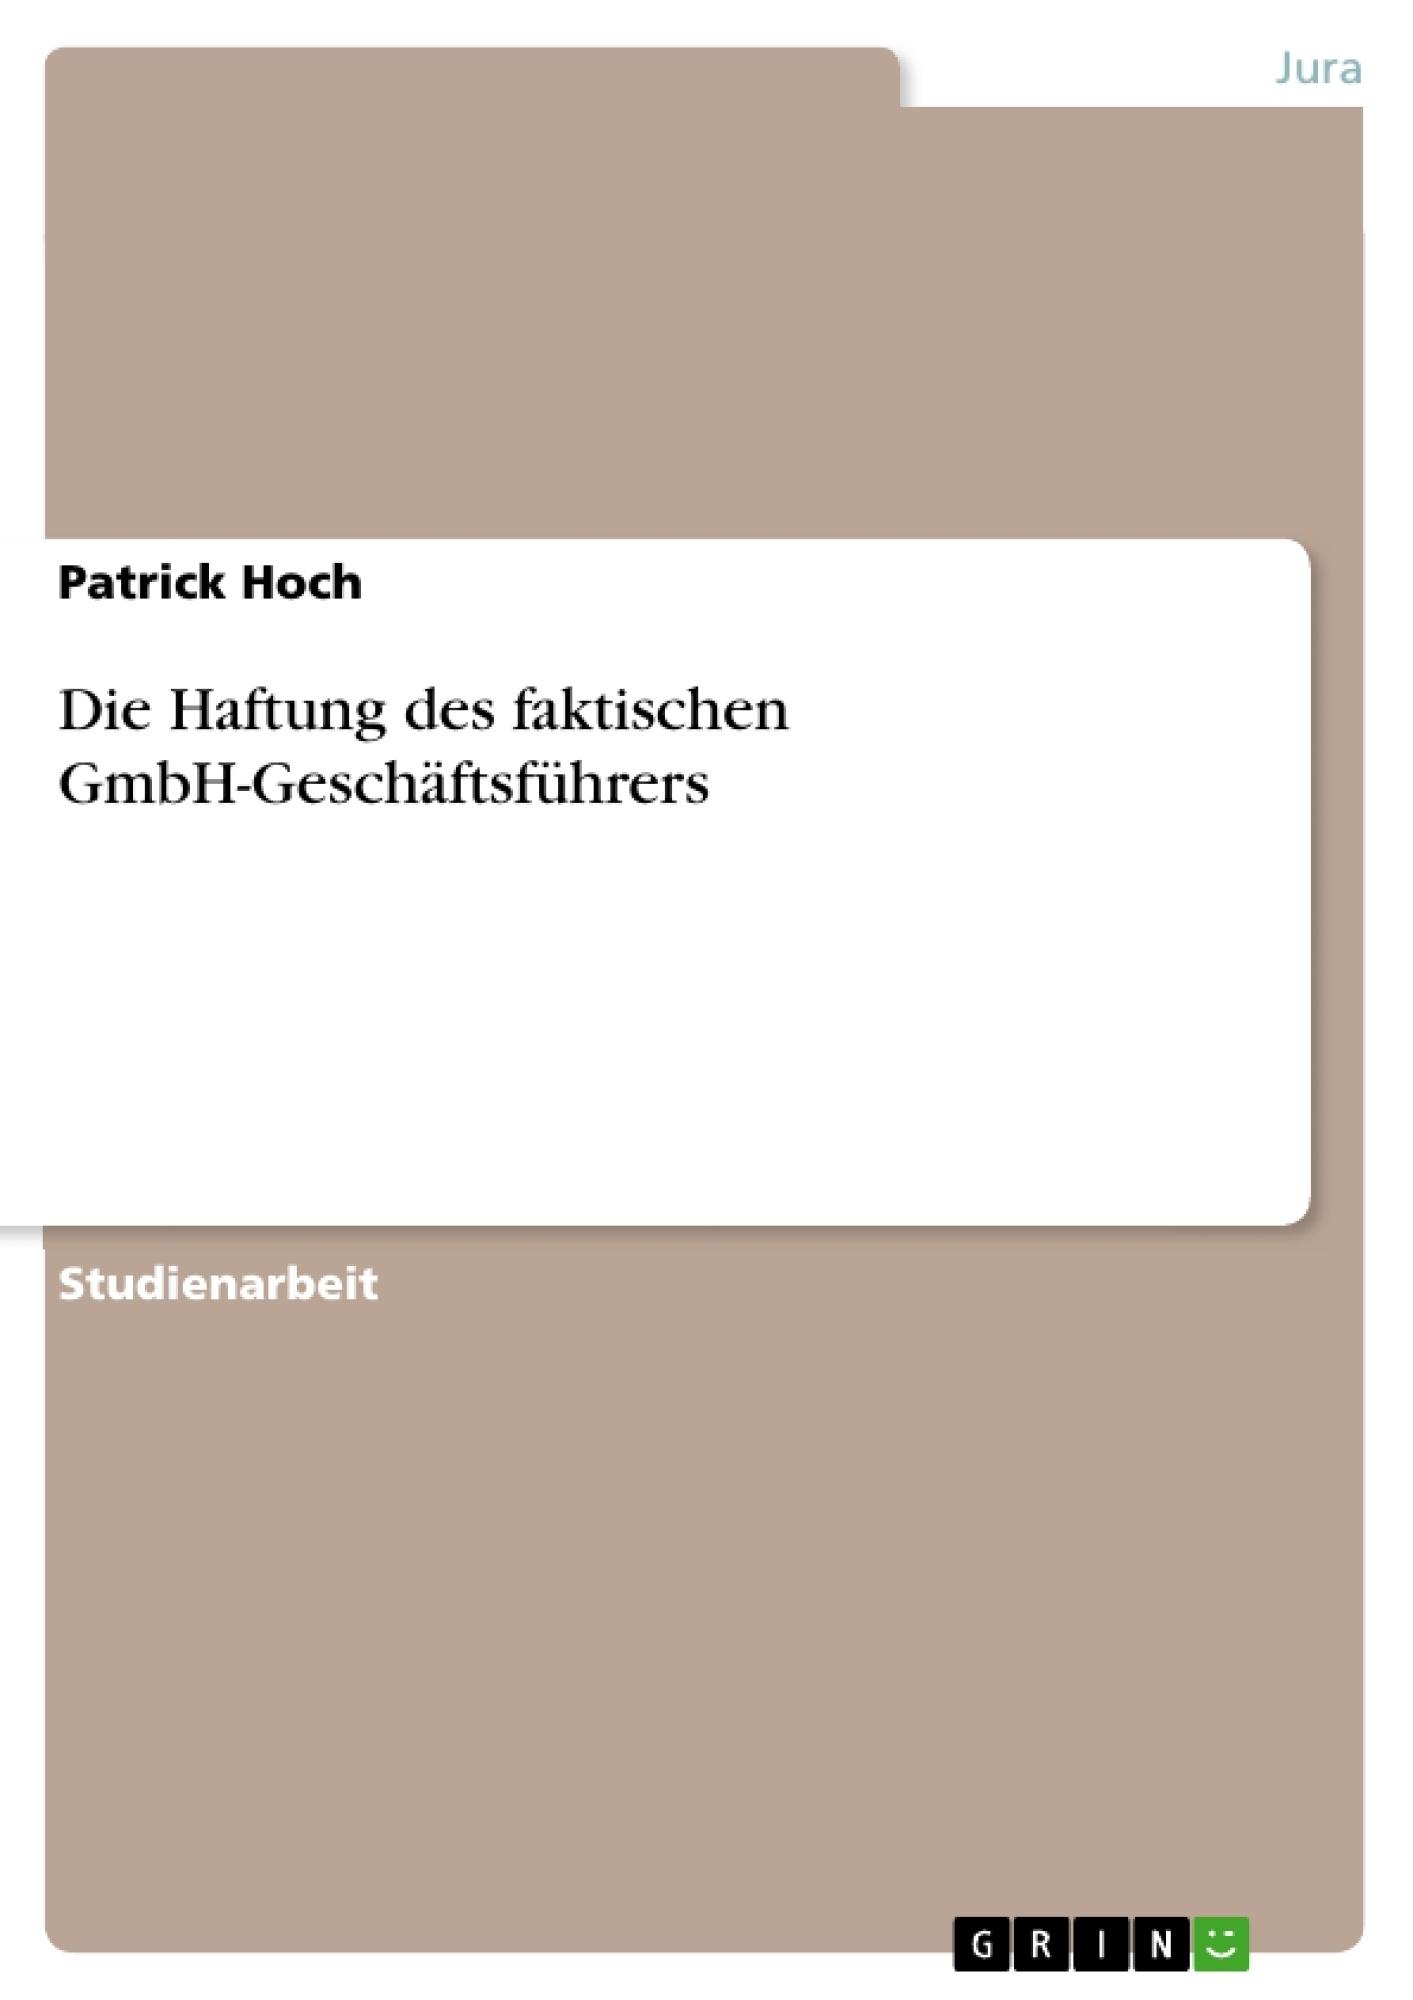 Titel: Die Haftung des faktischen GmbH-Geschäftsführers